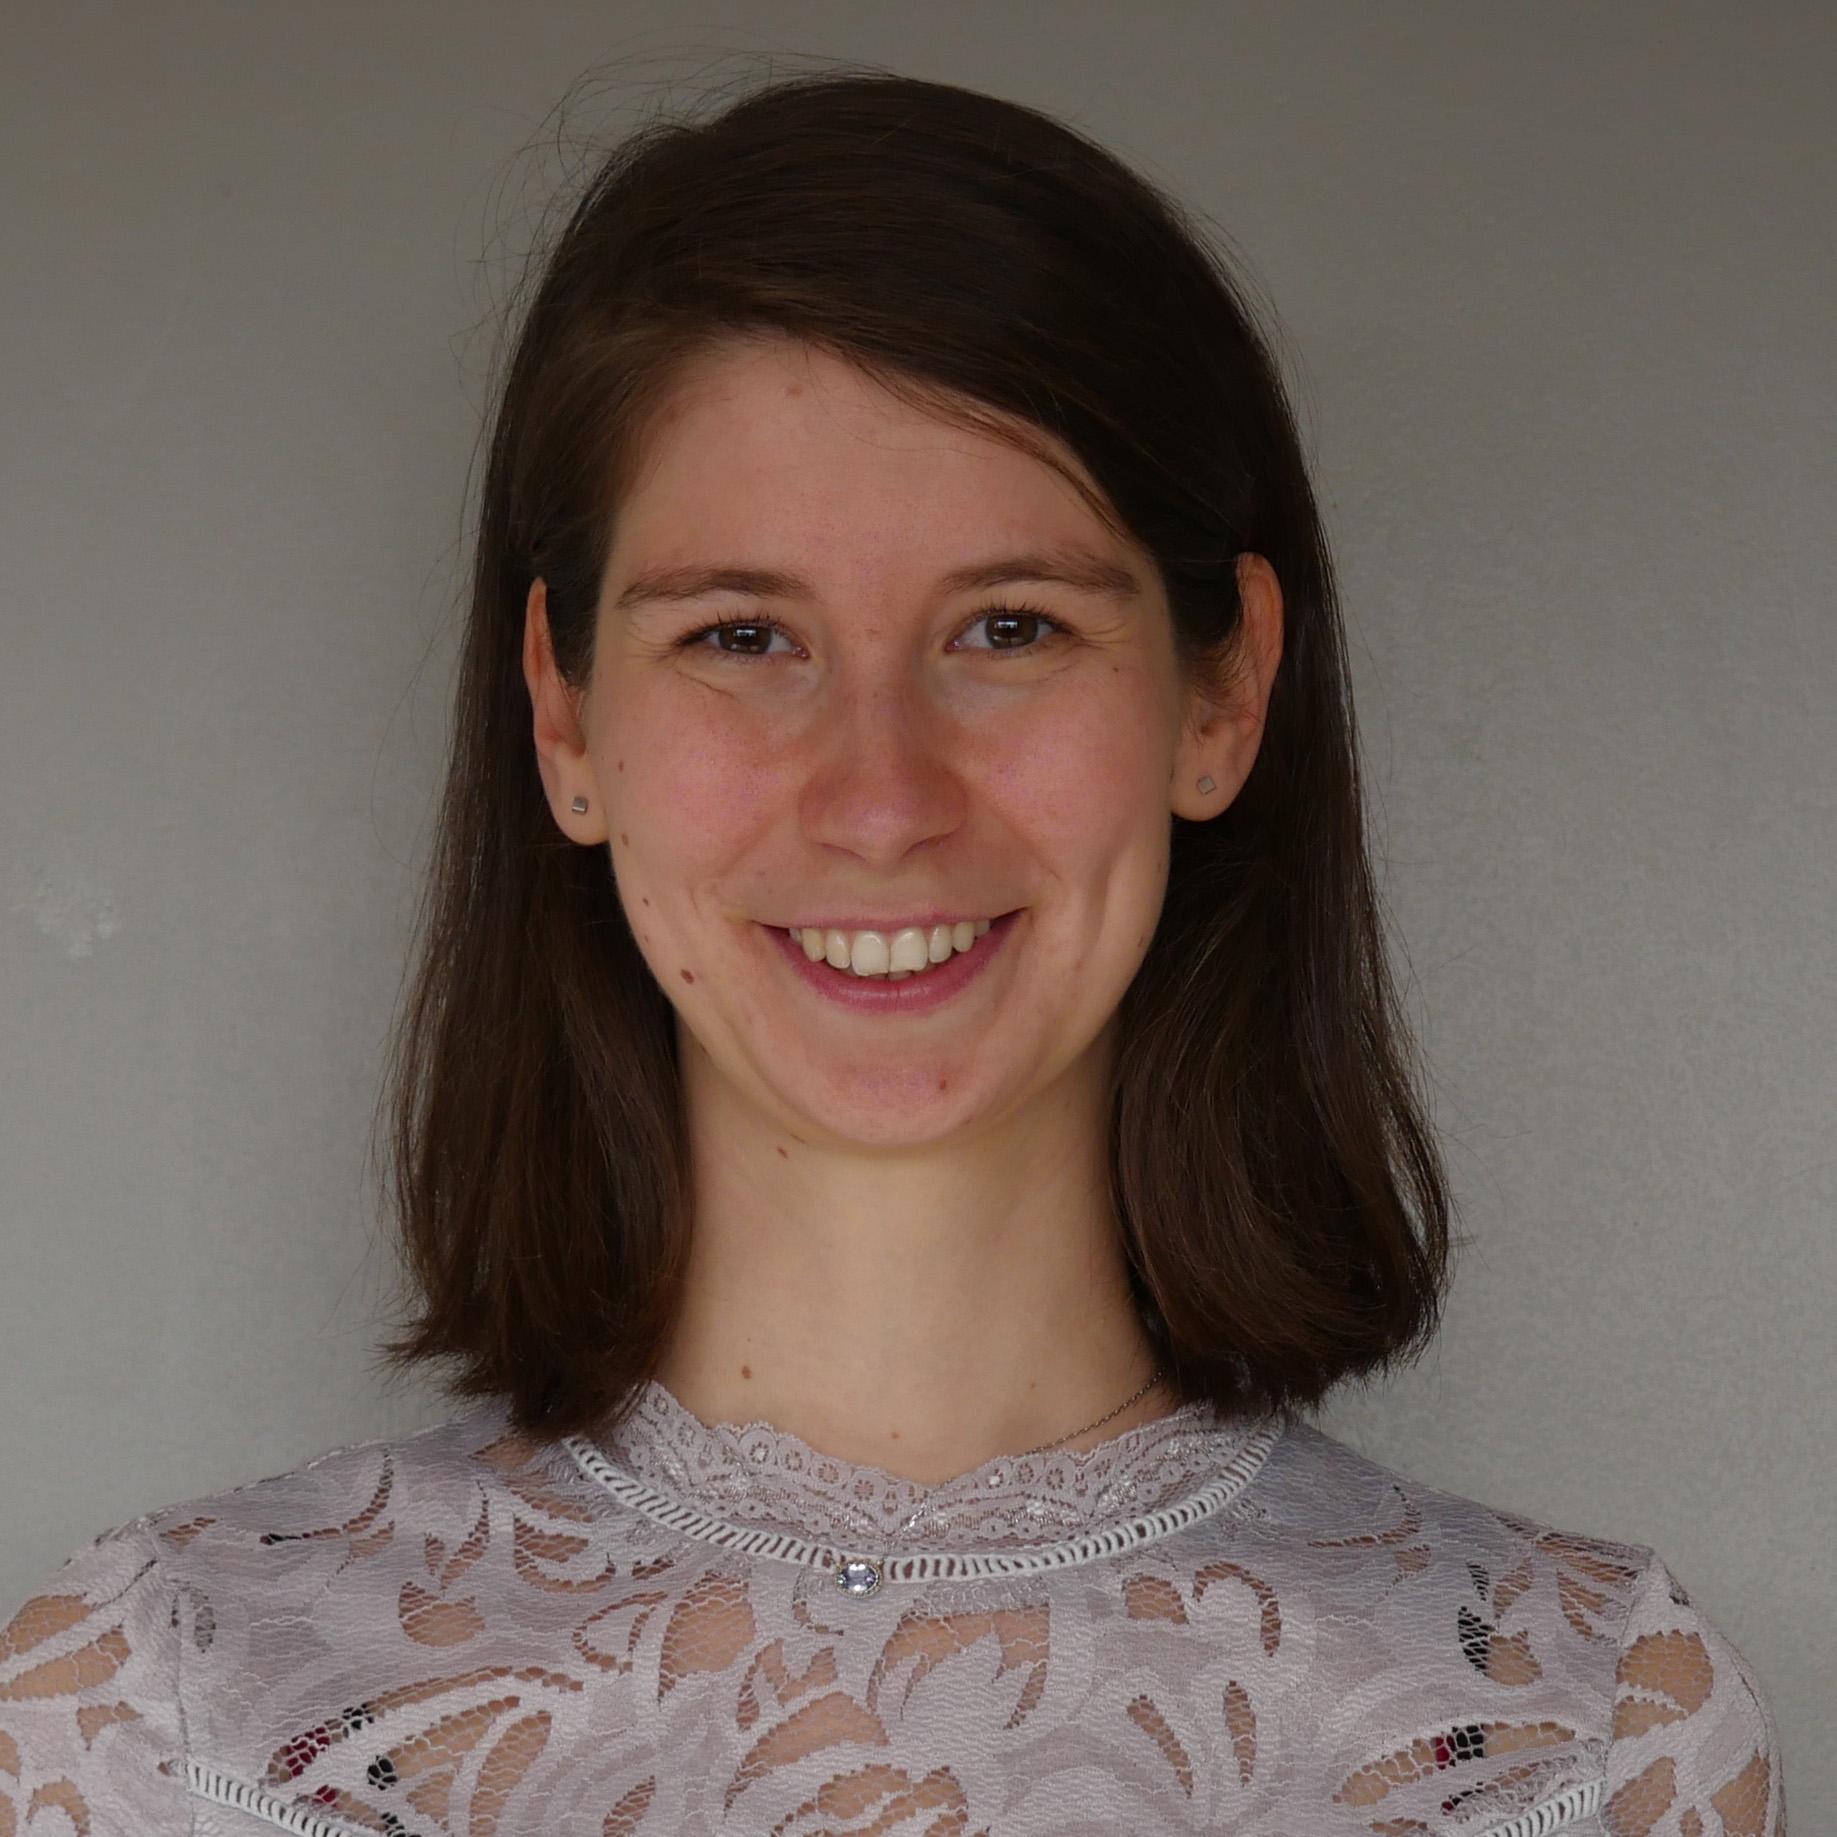 Mandy Meijer